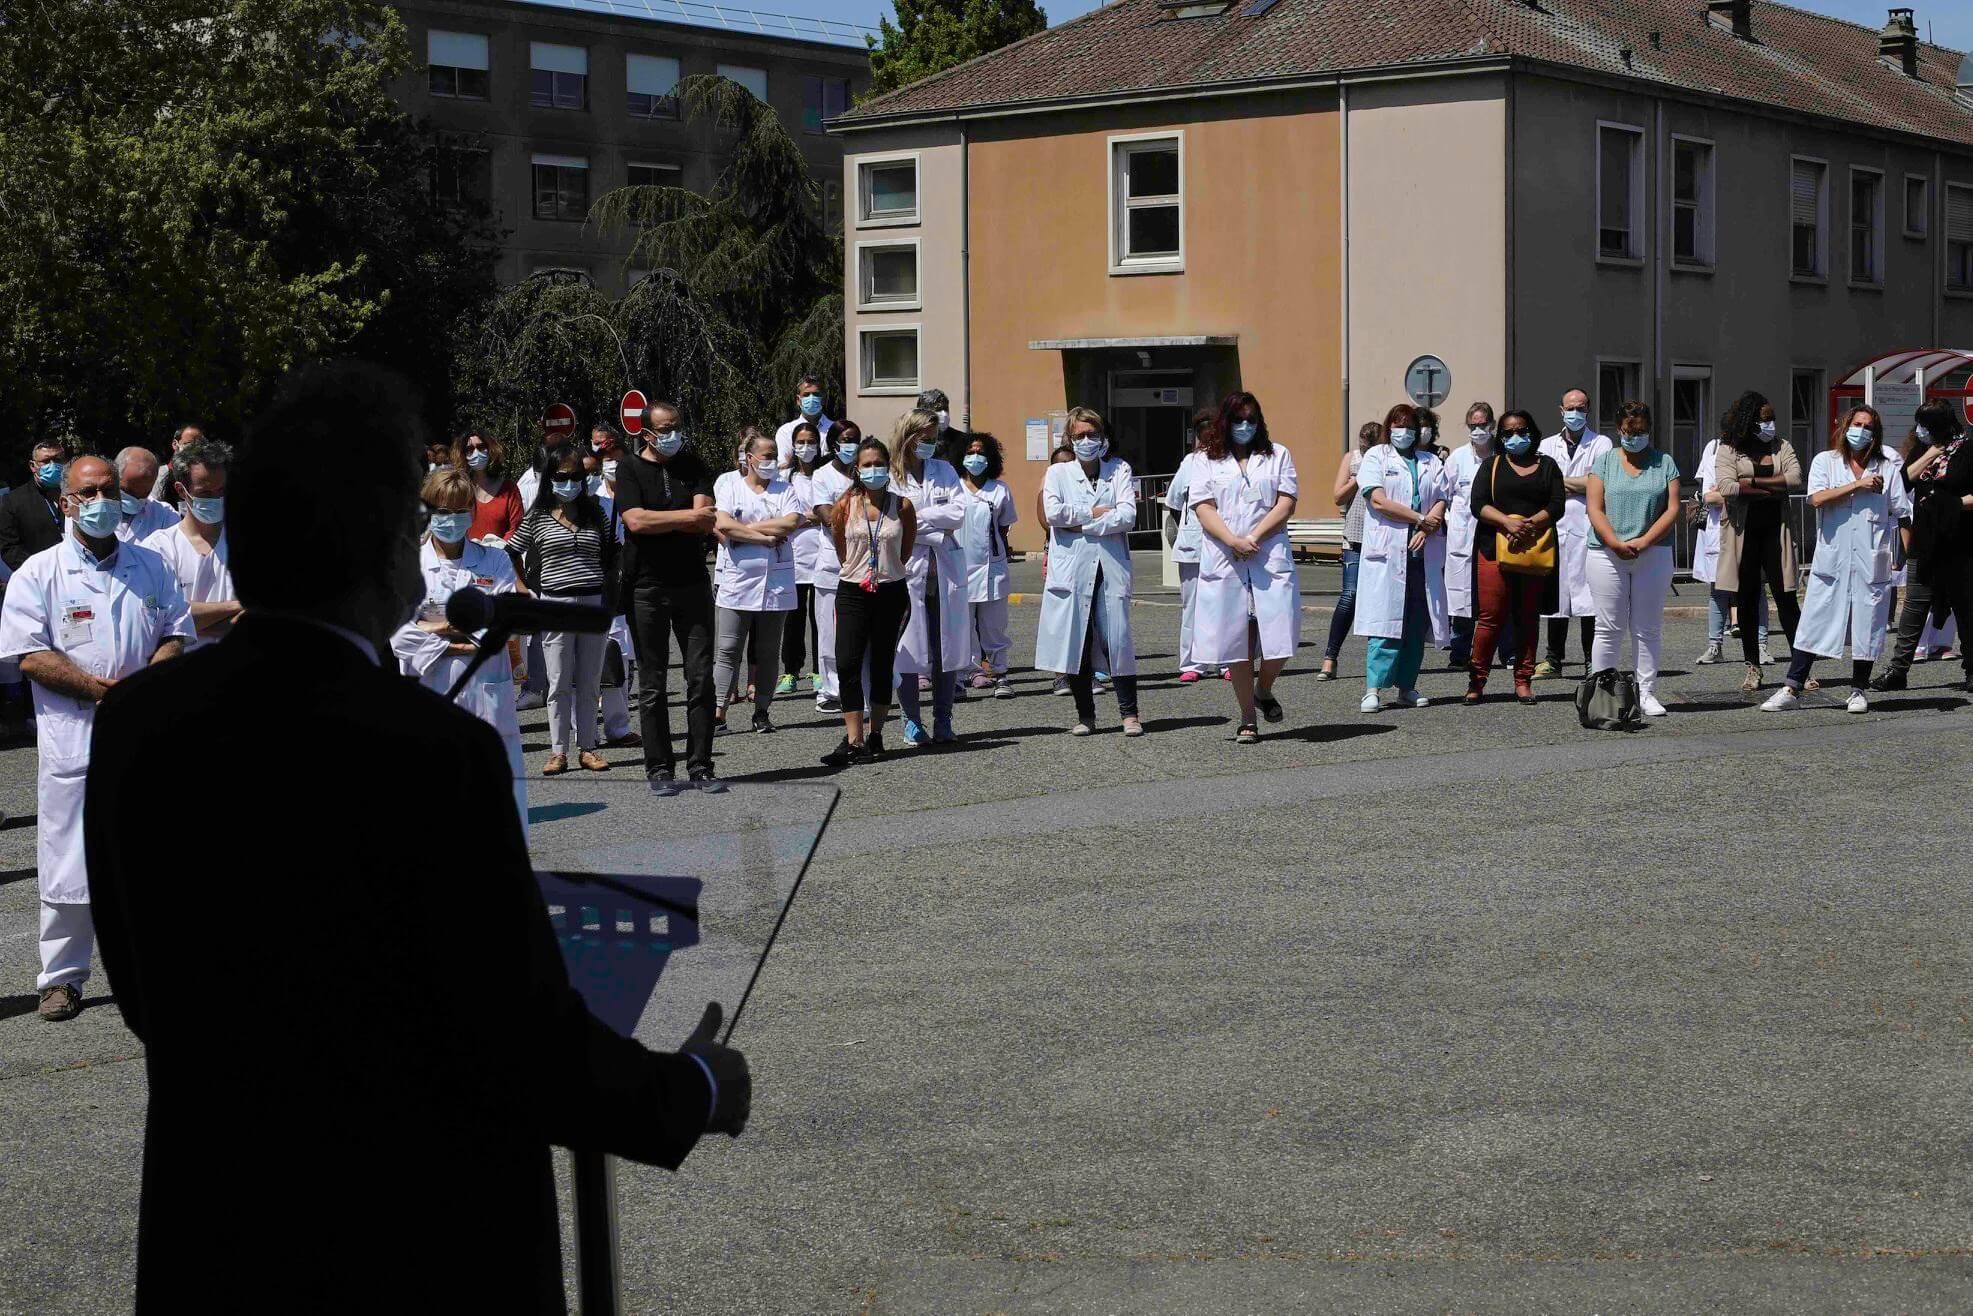 Créteil: décédée du Covid, l'infirmière Reine Melesan donne son nom au nouveau bâtiment de l'hôpital Mondor